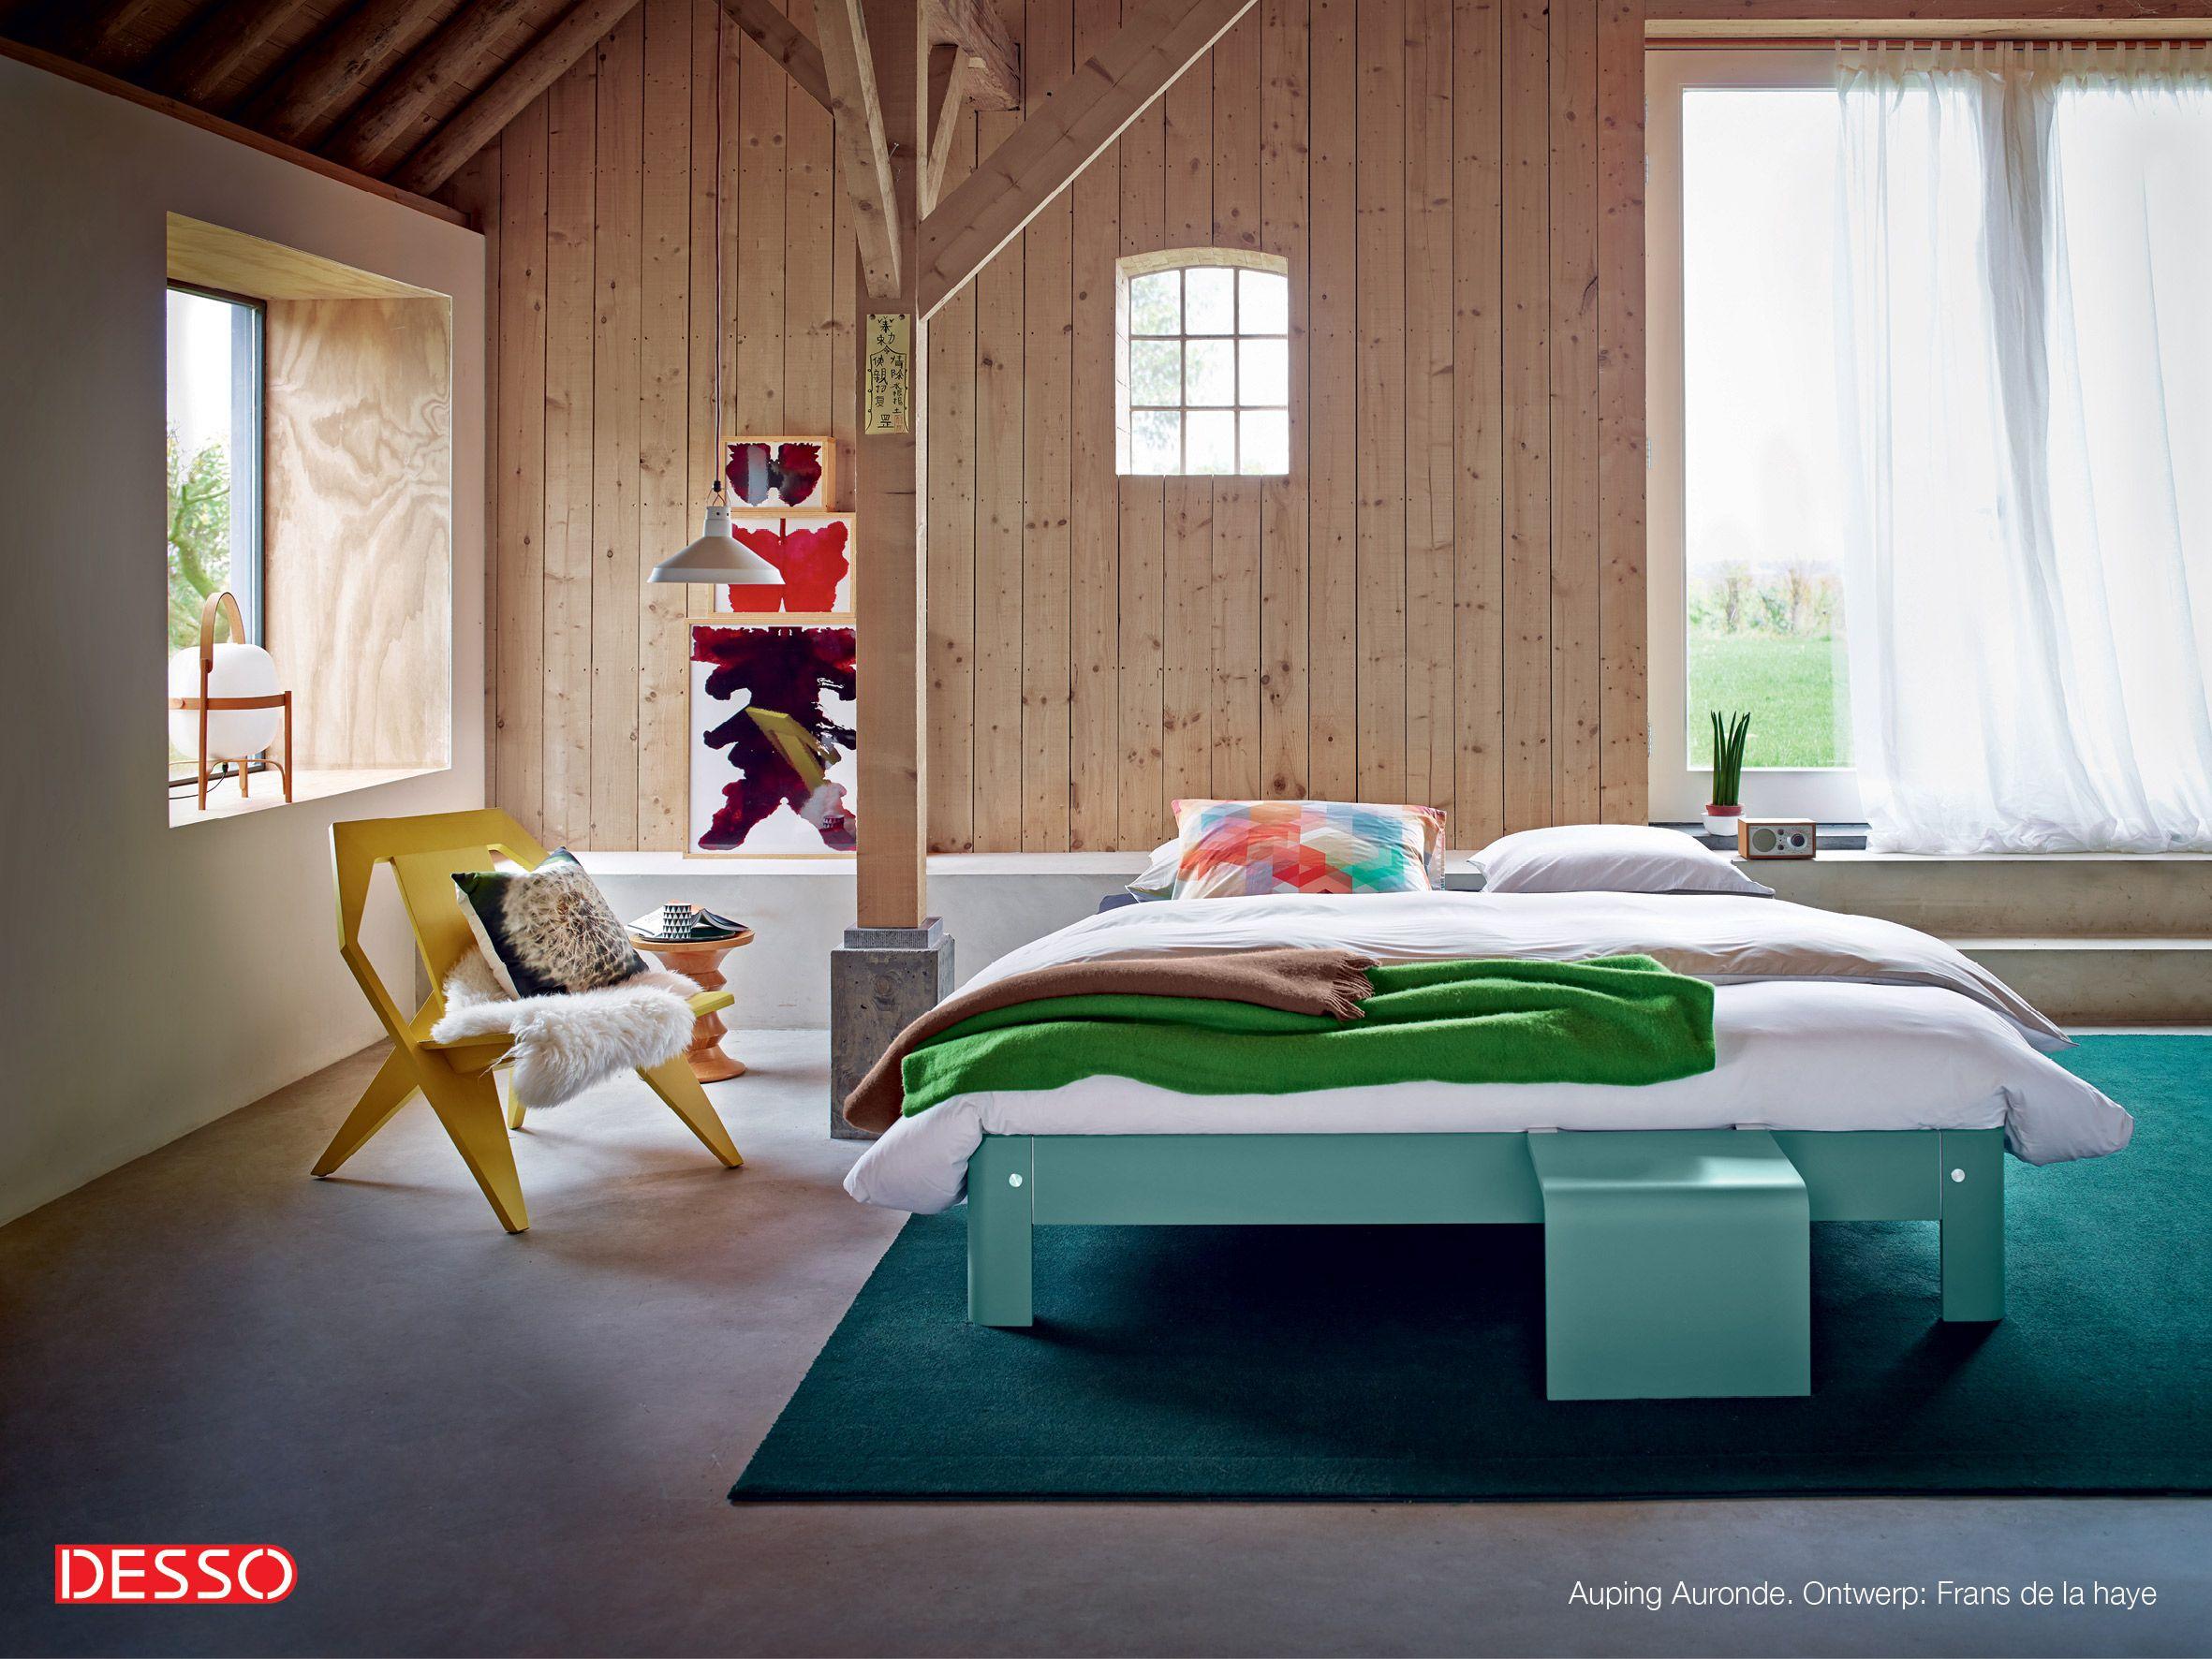 Blauwe Vloerbedekking Slaapkamer : Met je voeten op heerlijke zachte vloerbedekking als je je bed uit